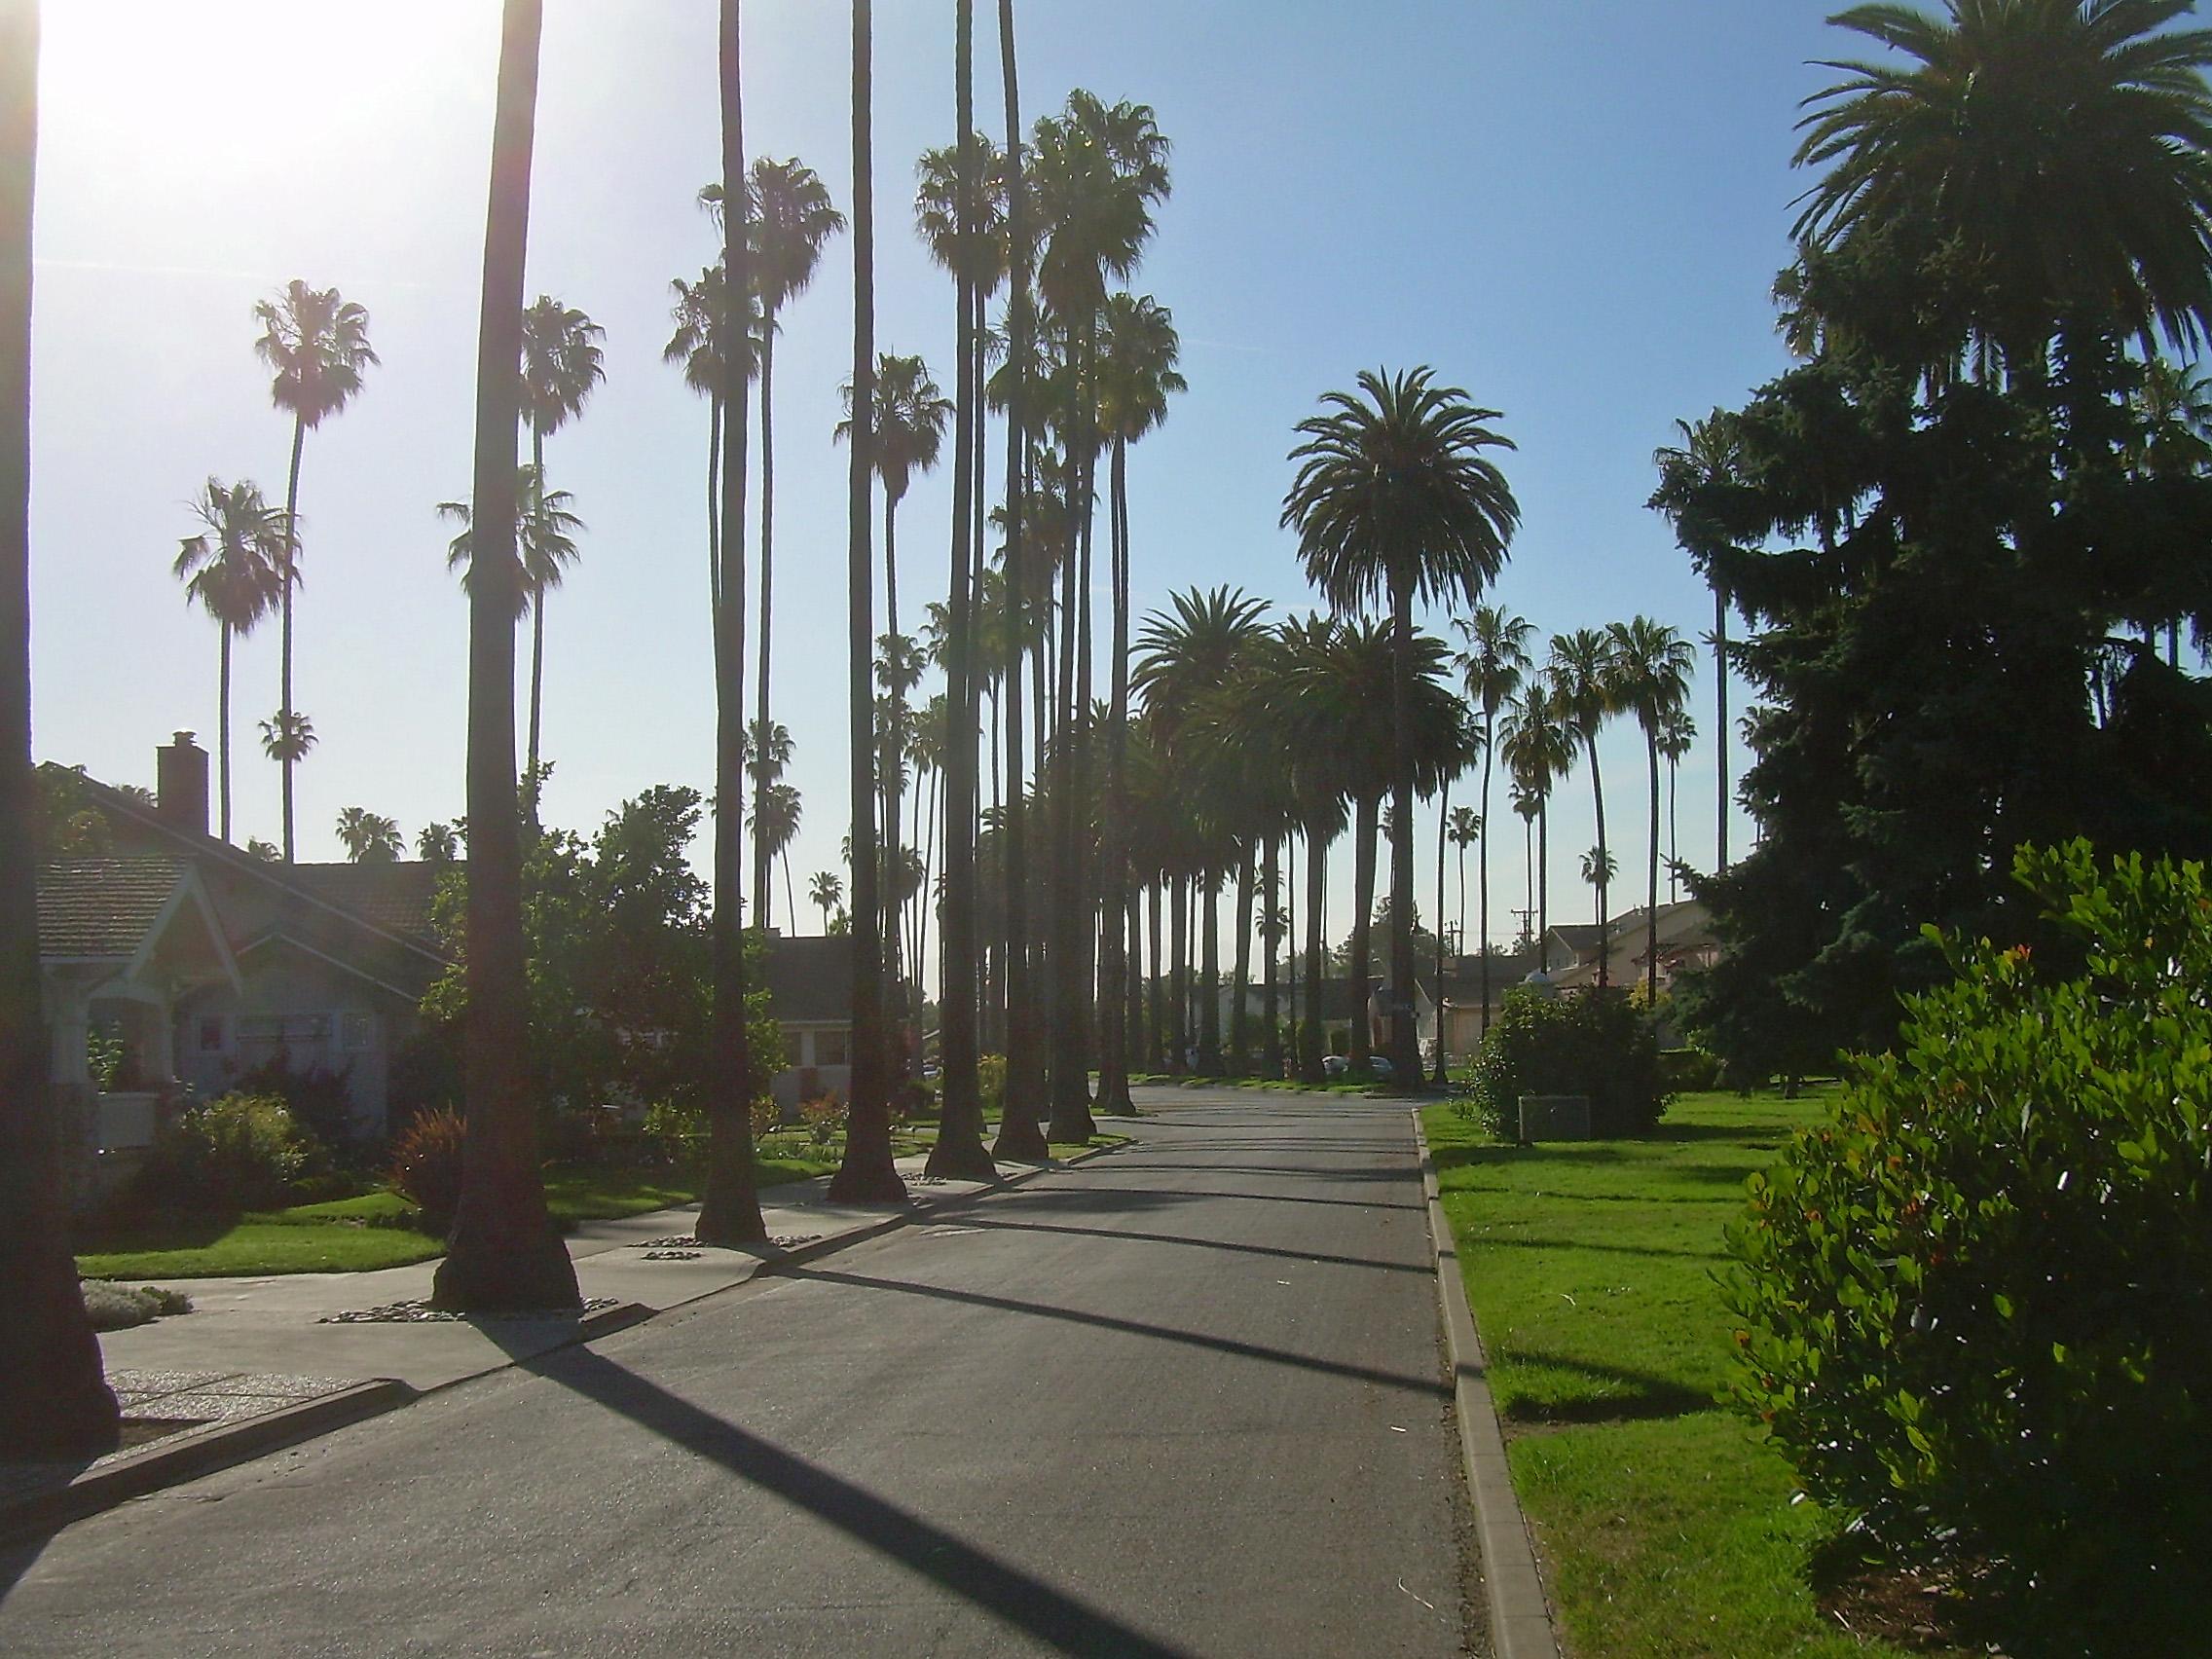 ... Trees in San Jose California.jpg - Wikipedia, the free encyclopedia